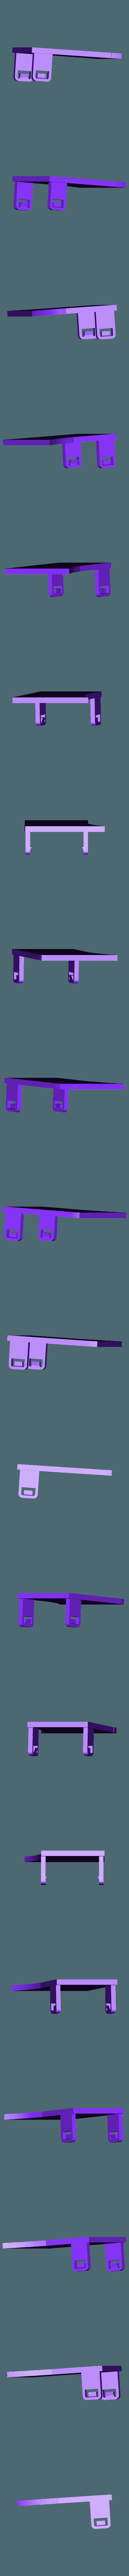 CapotSuperieur.stl Download free STL file MIELE fridge handle replacement part • Model to 3D print, uhgues